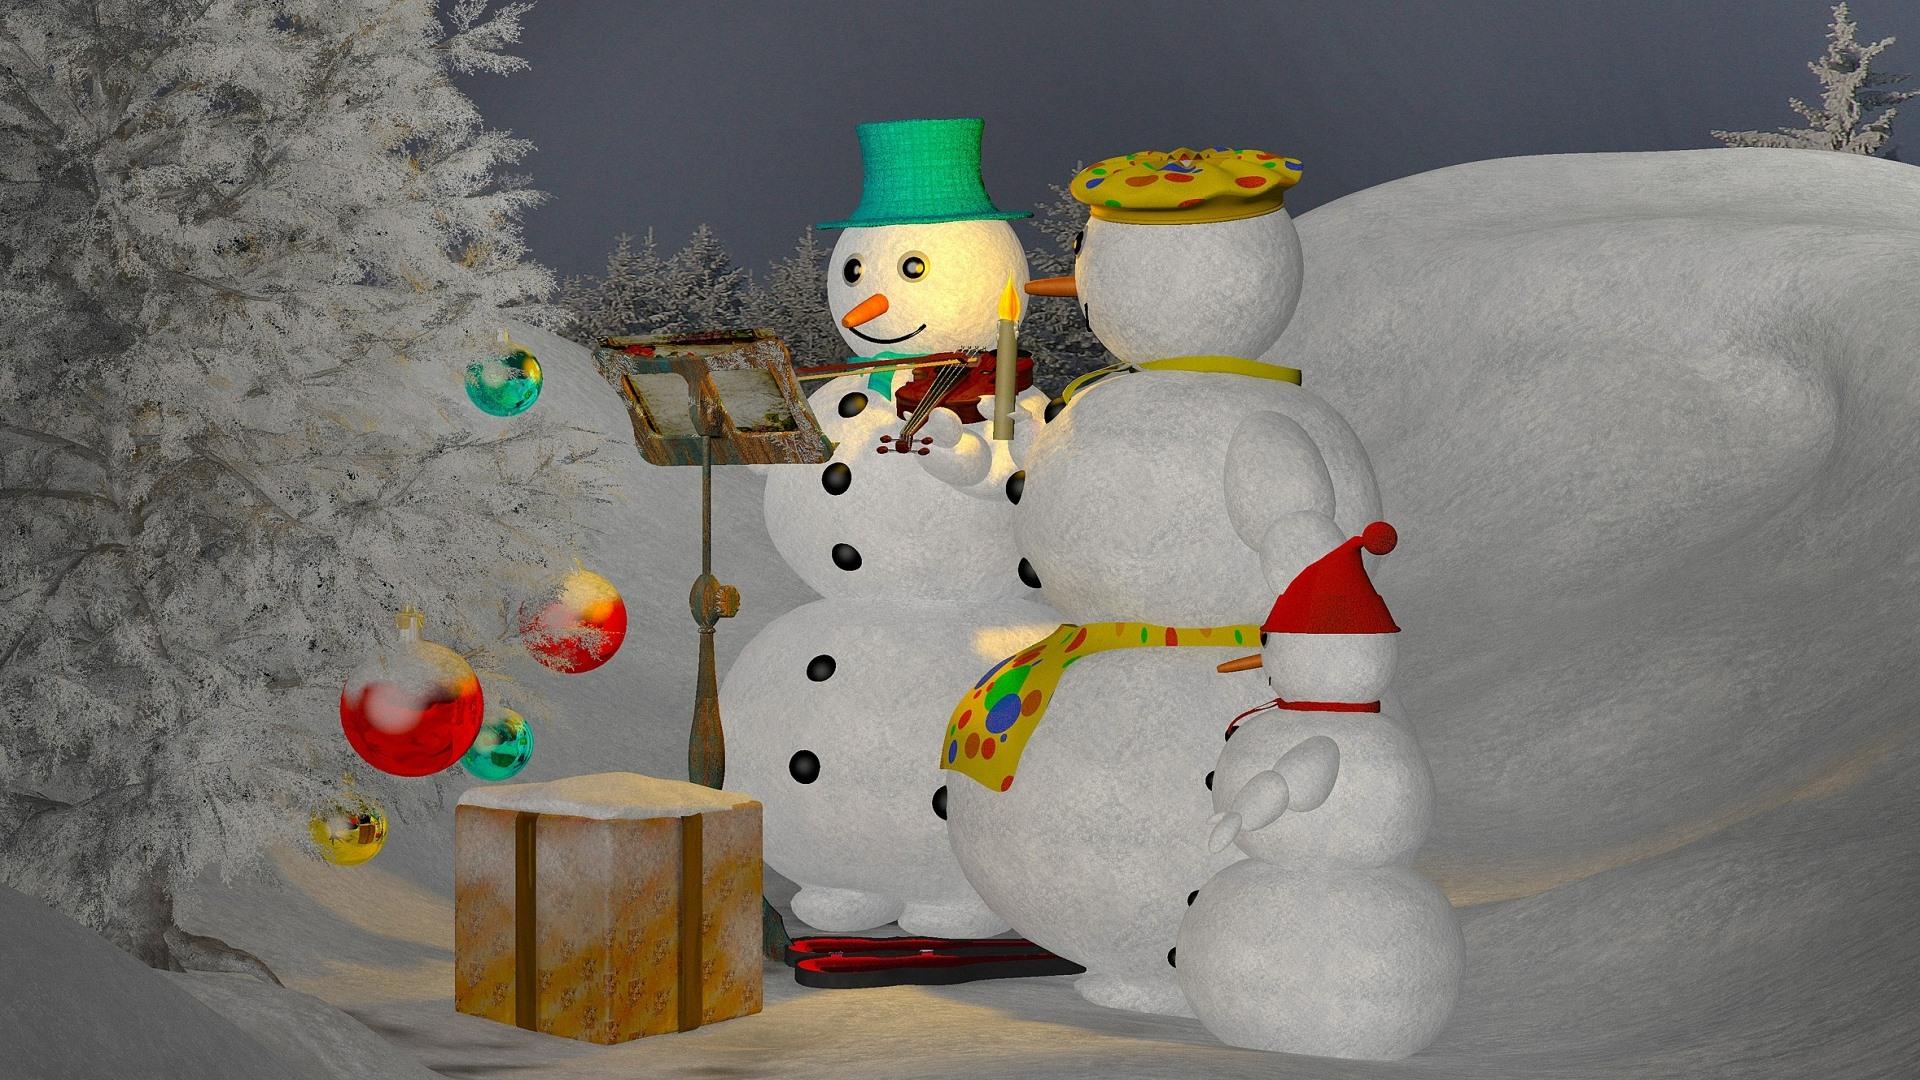 Weihnachtsbilder Desktop Kostenlos.Desktop Hintergrundbilder Kostenlos 1920x1080